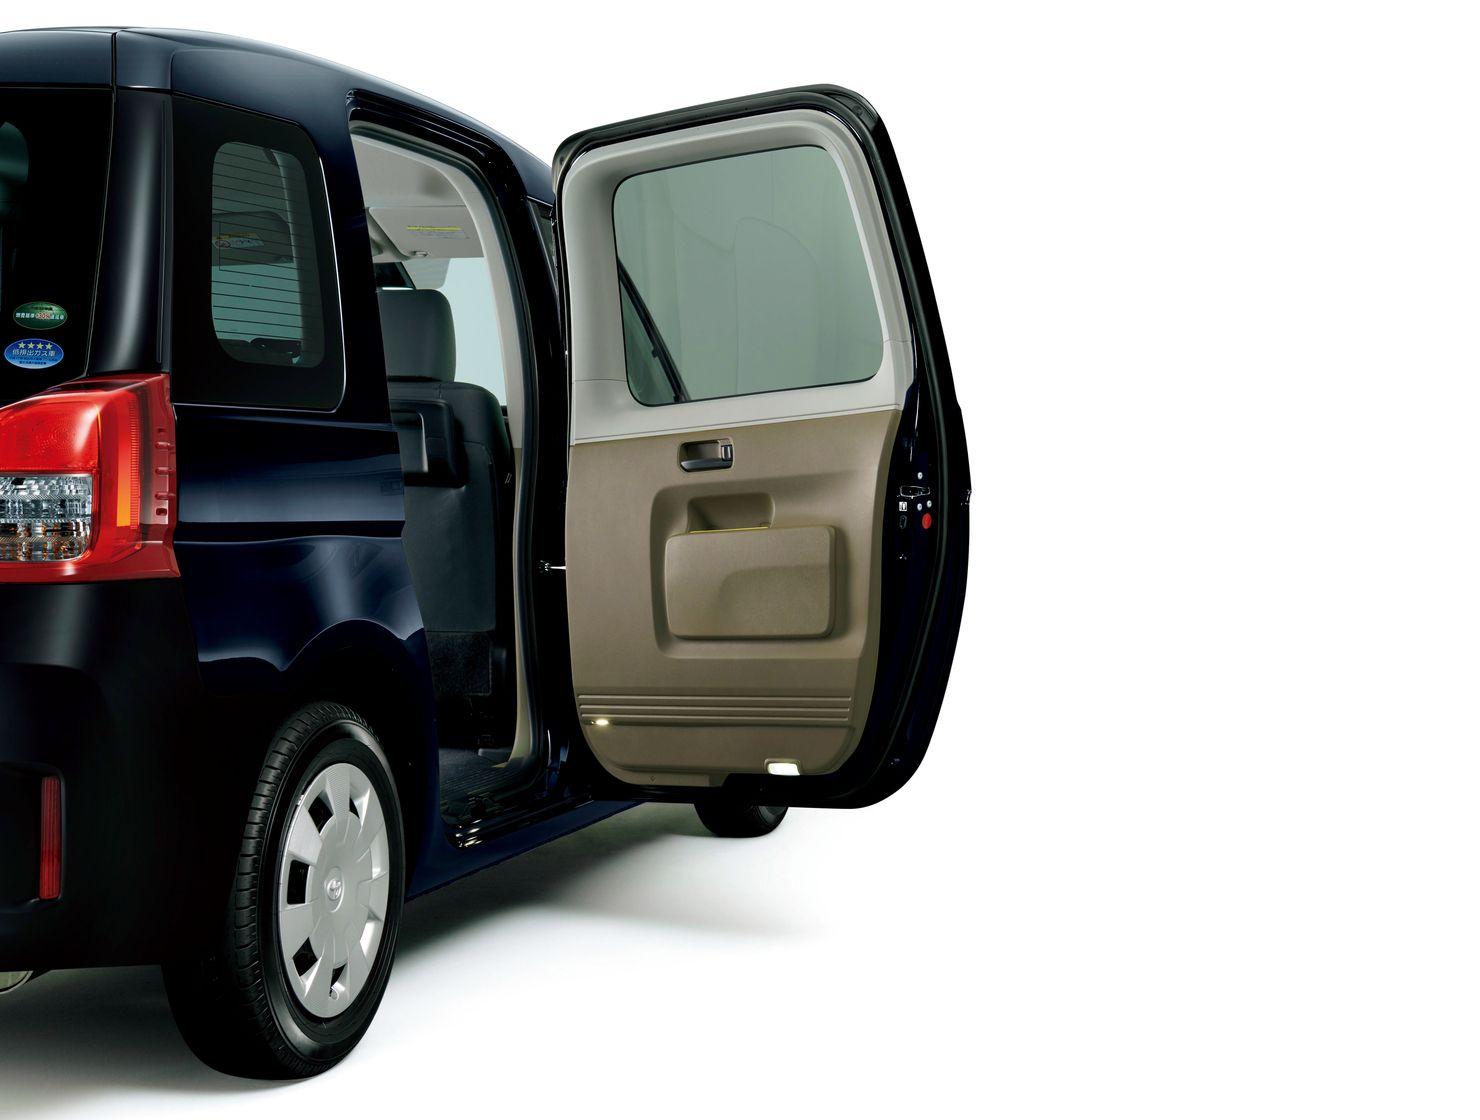 JPN Taxi 23